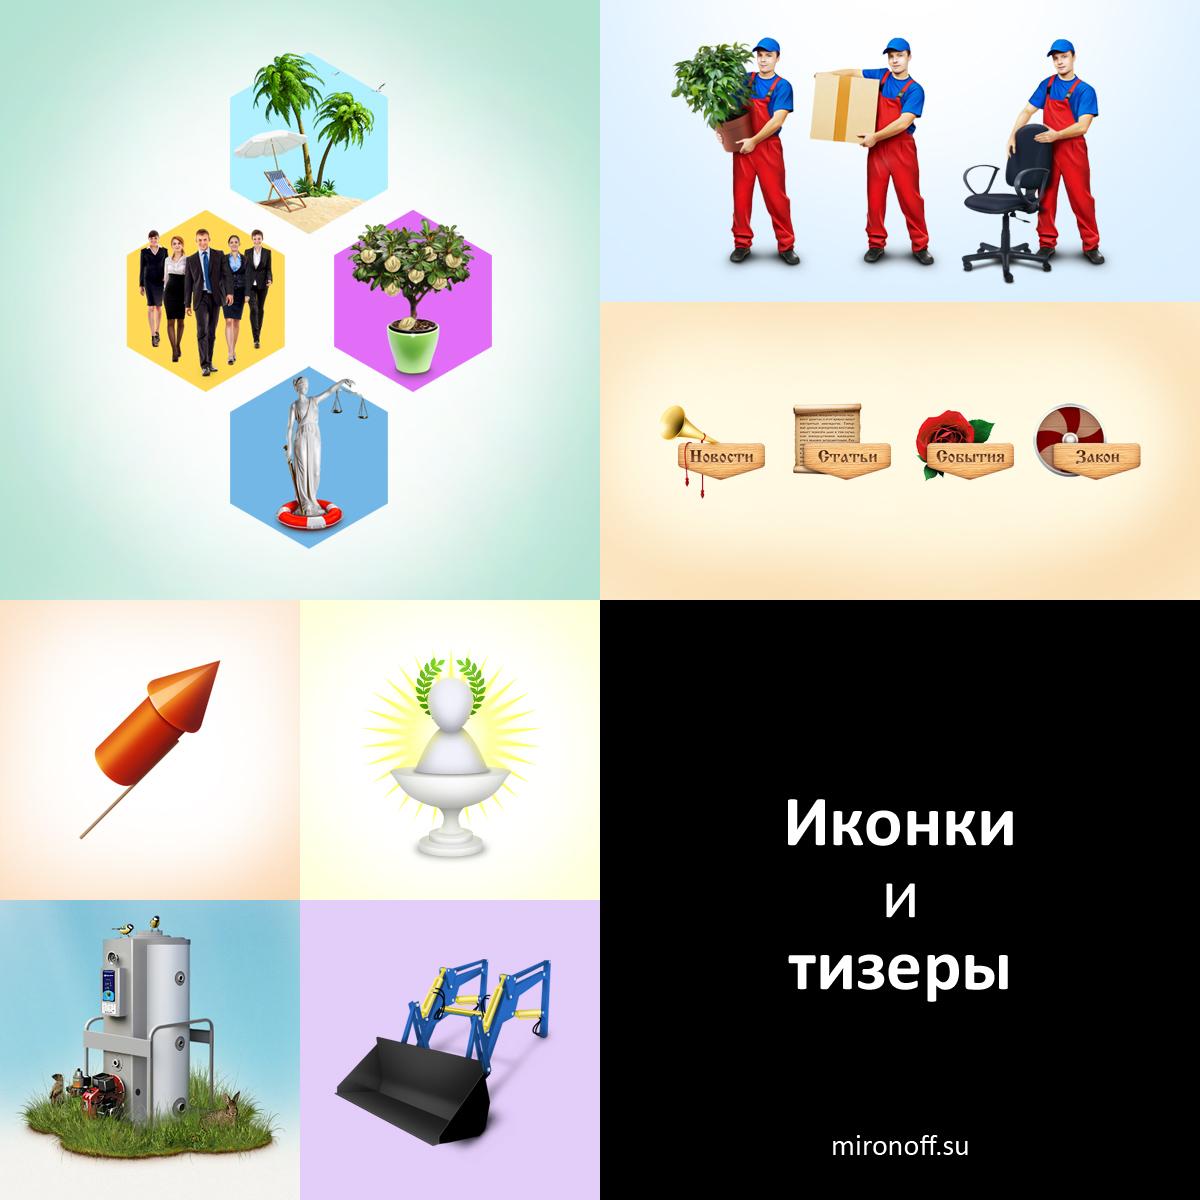 Иконки и тизеры, сборник